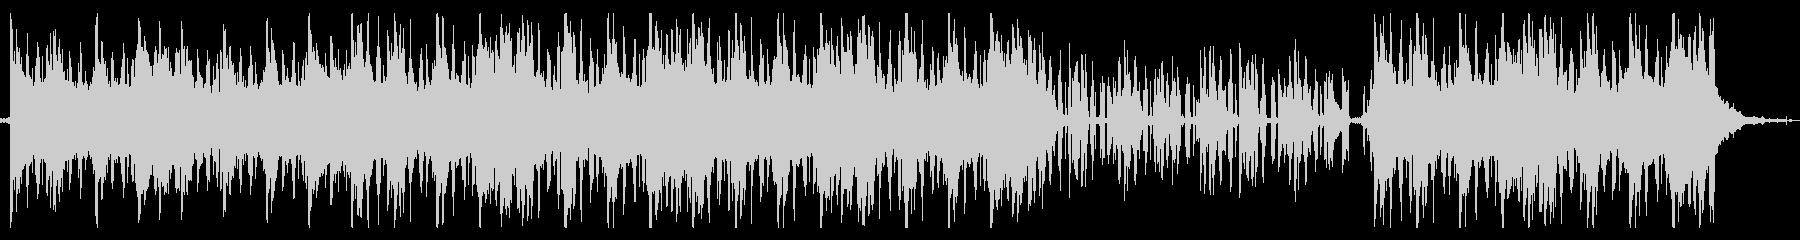 浮遊感のあるジャズLo-Fi Beatsの未再生の波形